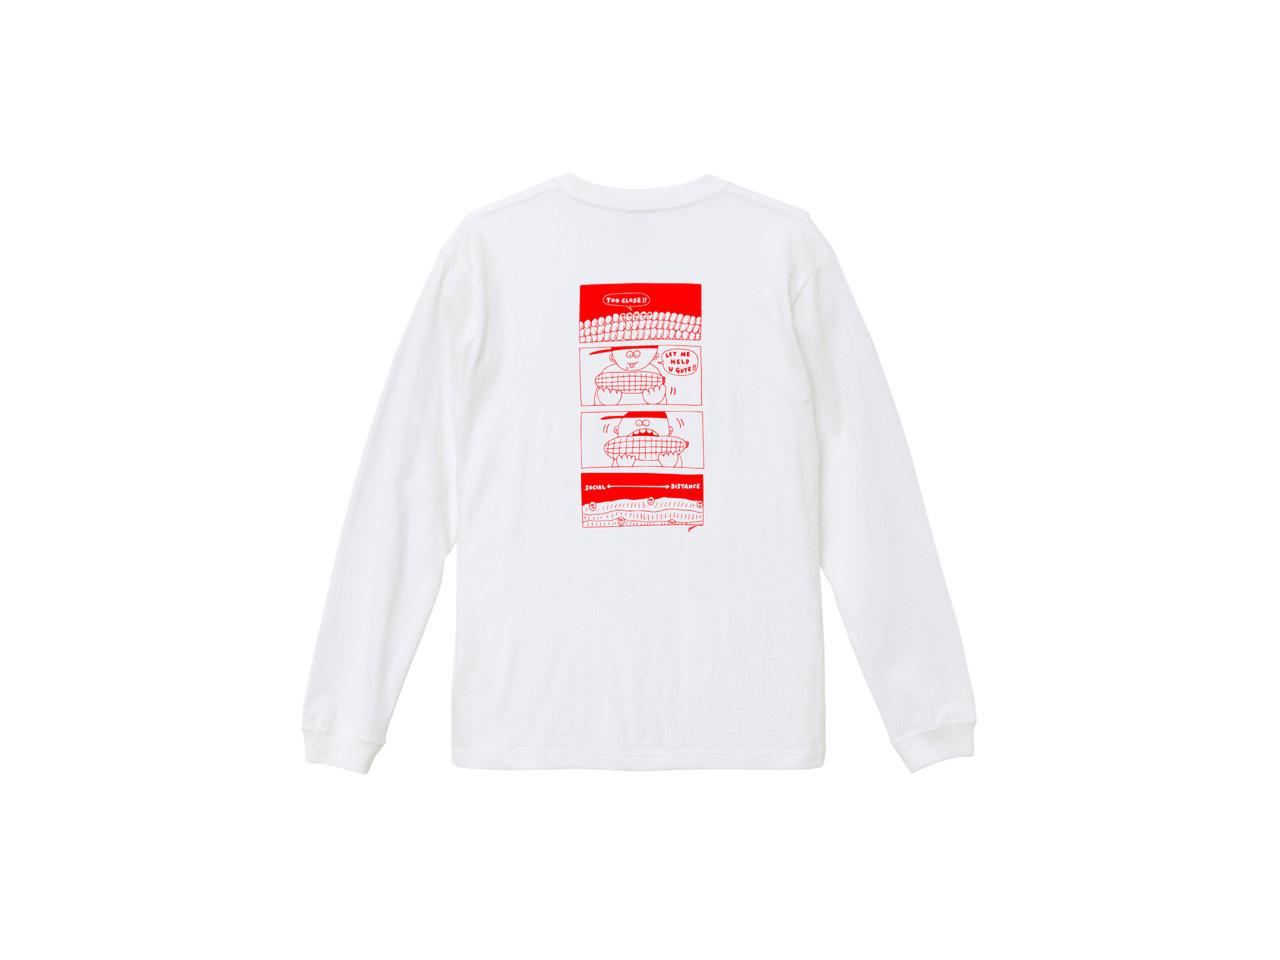 SHI × coguchi Corn SD long T-shirt (WH/RED)